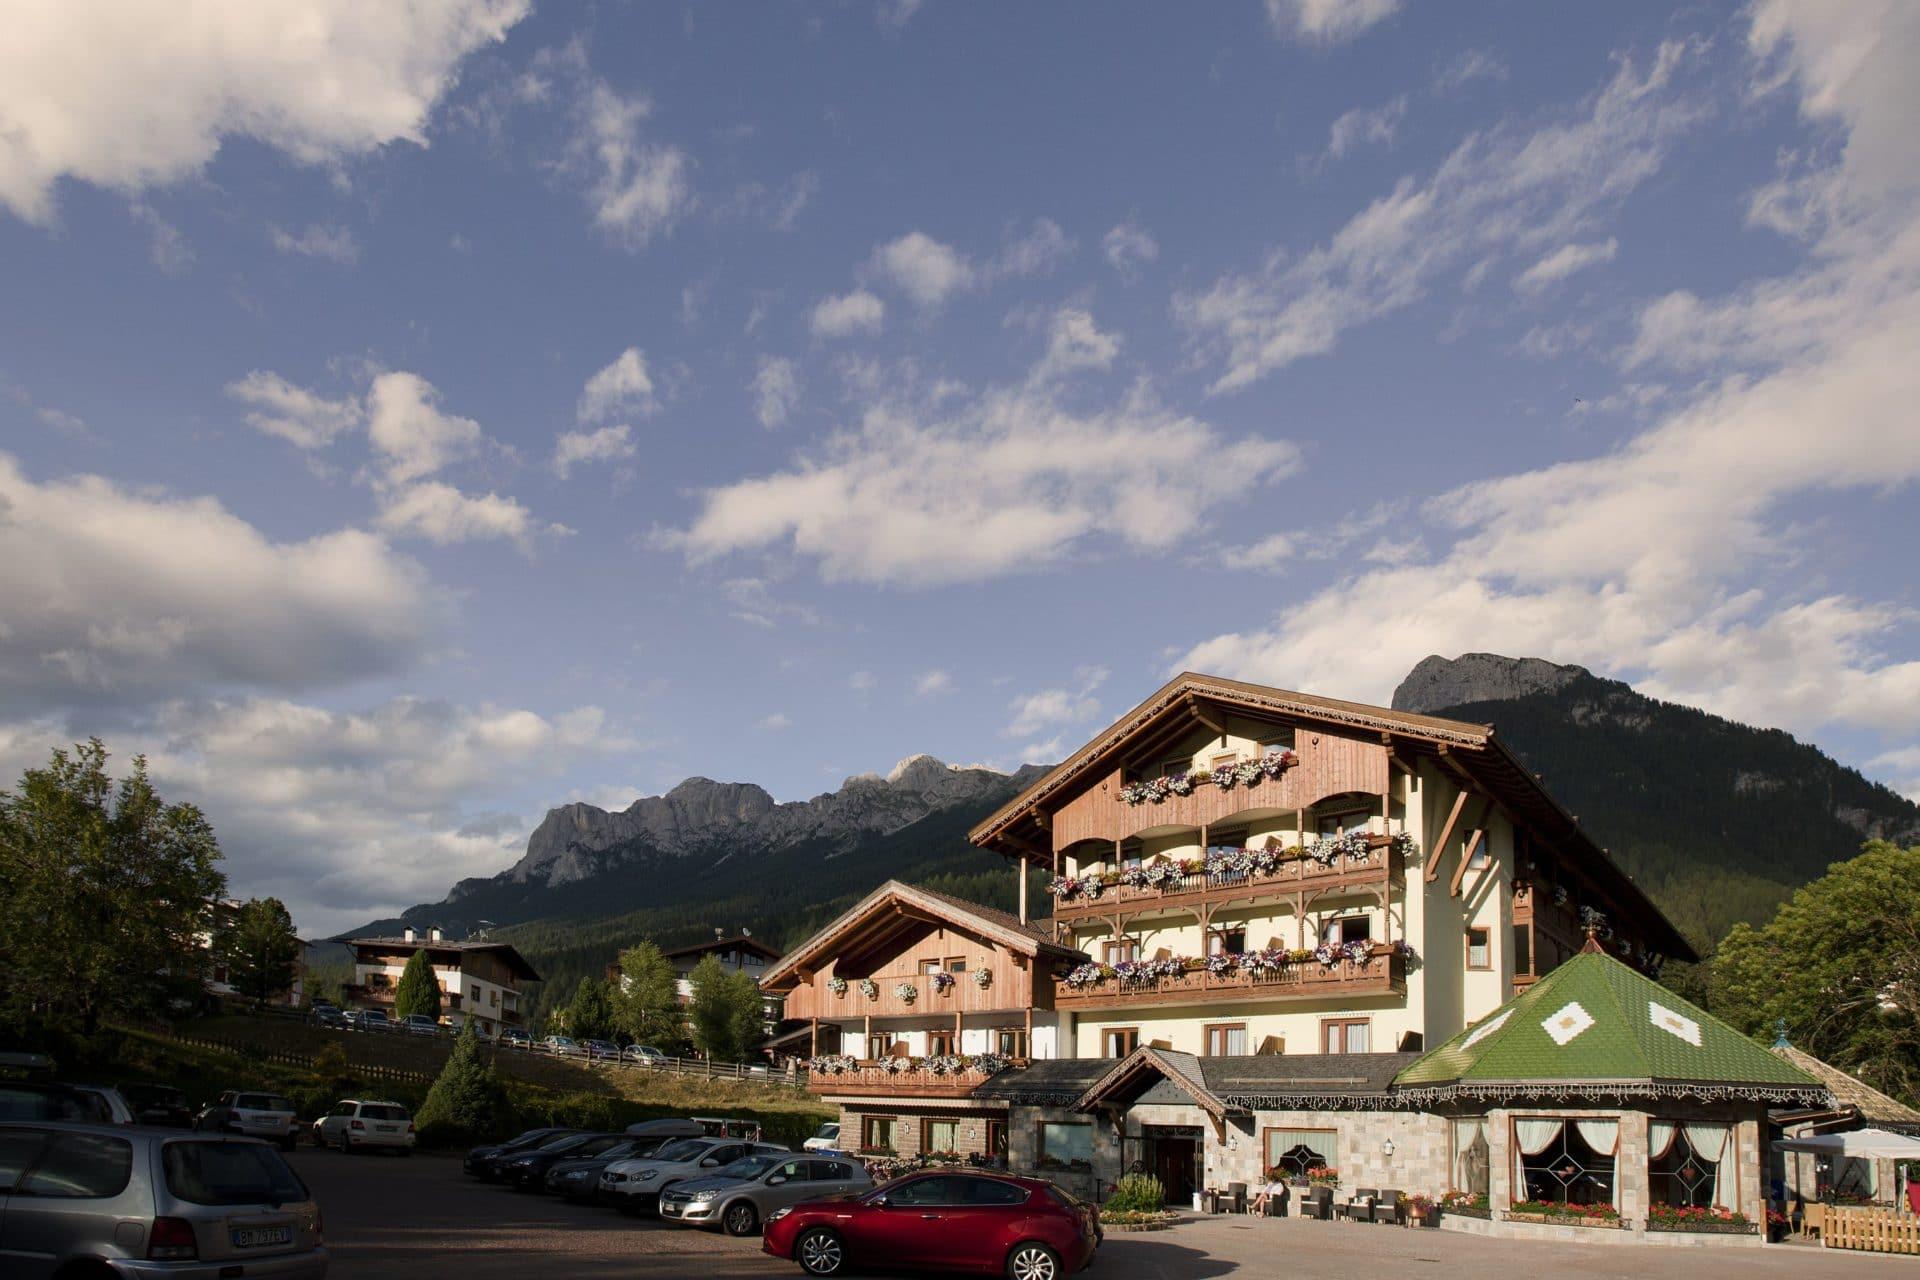 Hotel per bambini in Val di Fassa: Dolce Casa, estate